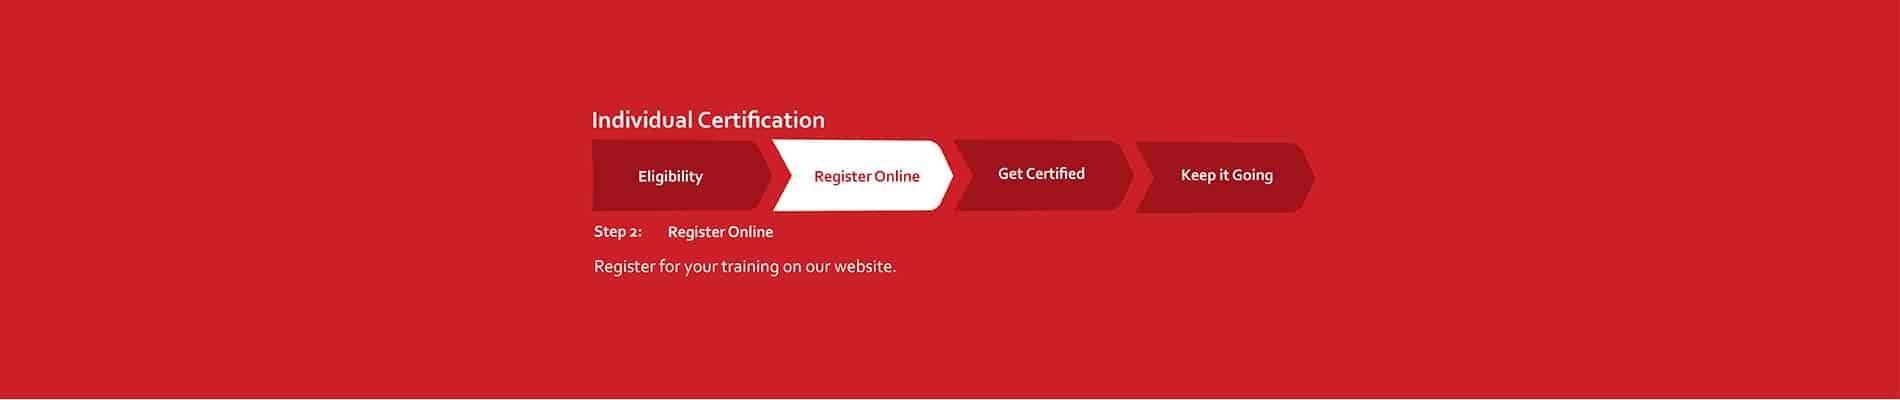 Training Options Sliders.2 web